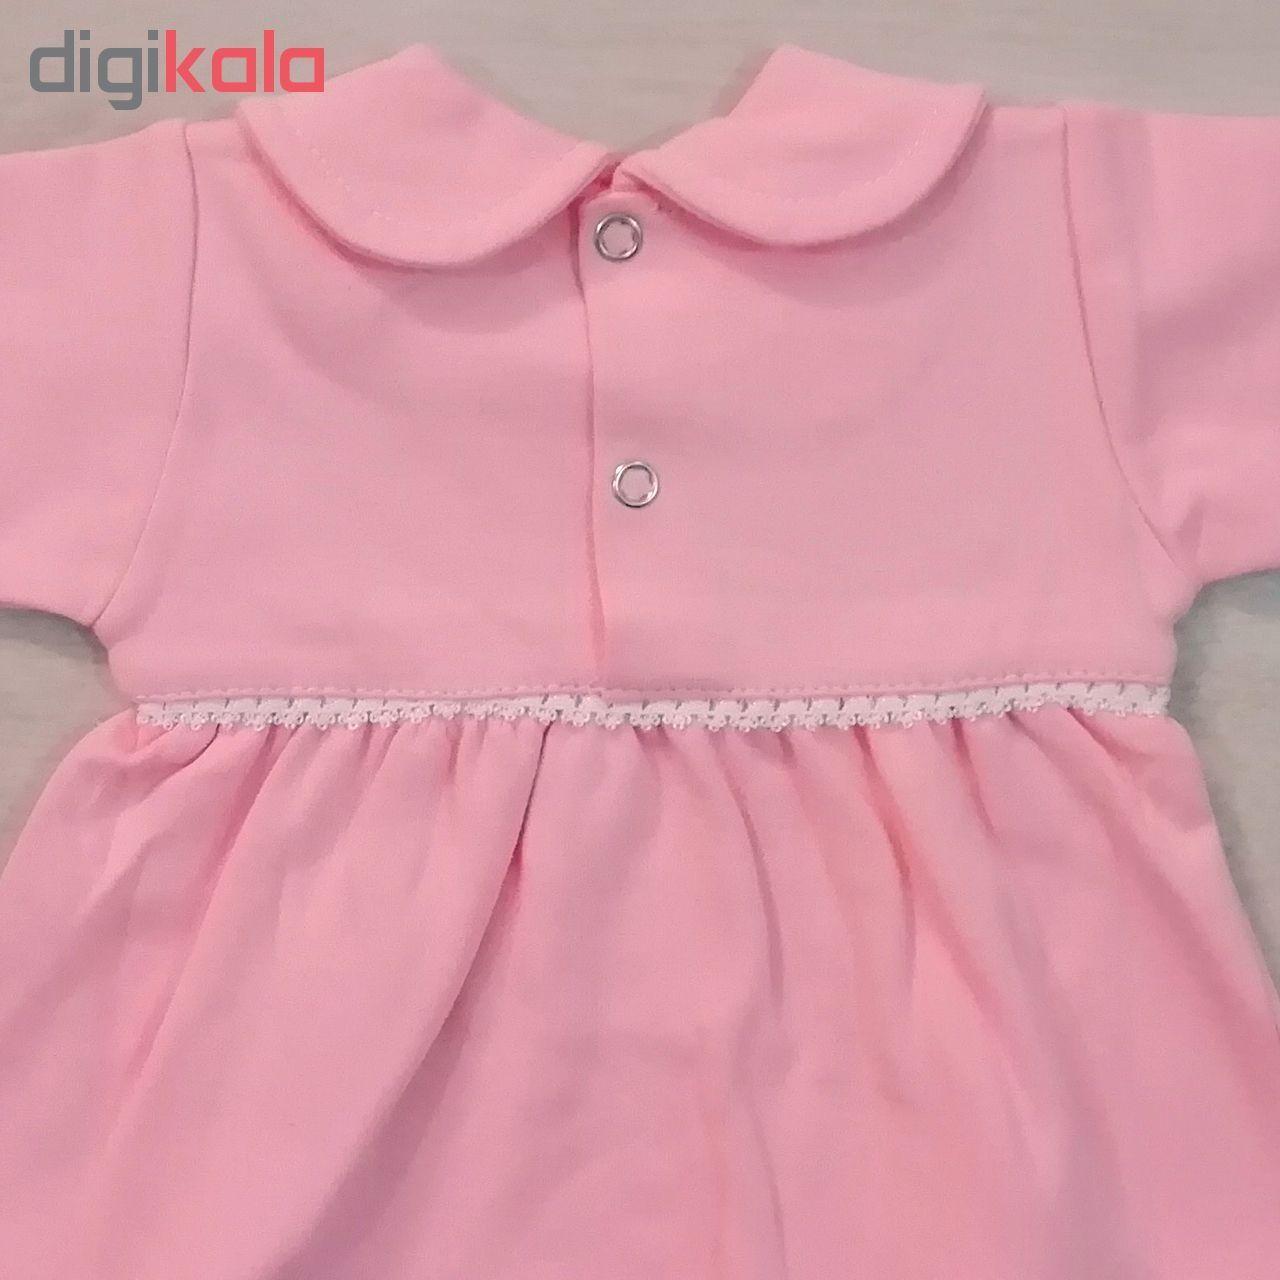 ست تیشرت و شلوار نوزادی دخترانه کد 980908 رنگ صورتی main 1 2